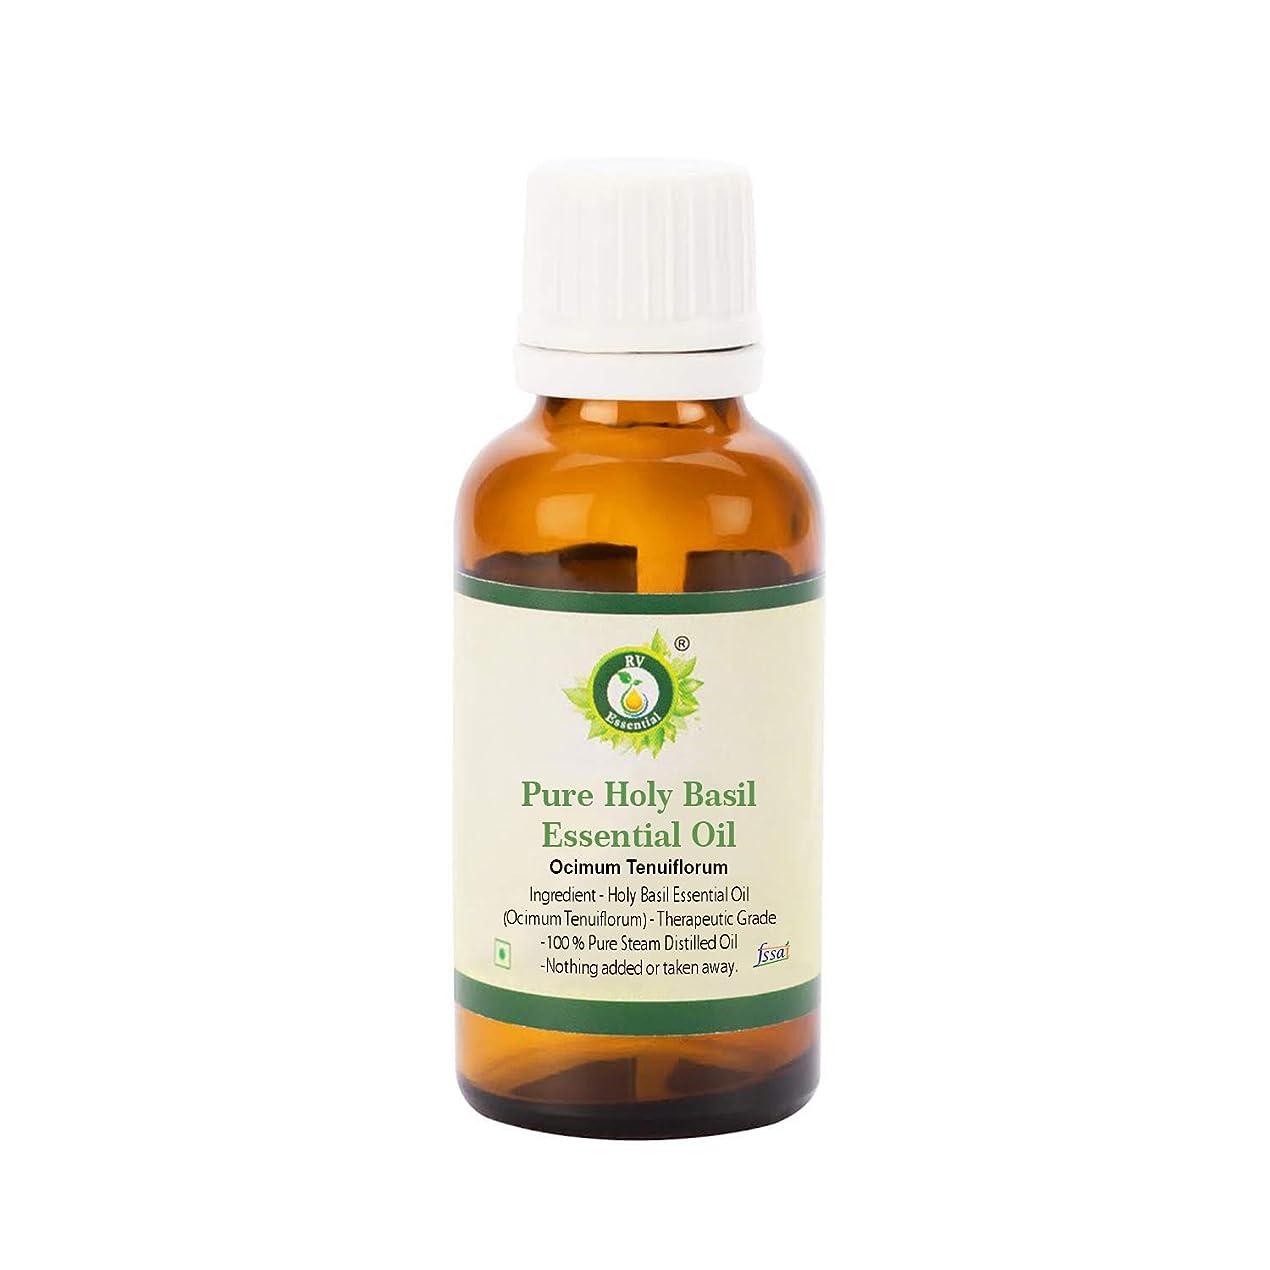 それからワゴン発明するR V Essential ピュアホーリーバジルエッセンシャルオイル30ml (1.01oz)- Ocimum Tenuiflorum (100%純粋&天然スチームDistilled) Pure Holy Basil Essential Oil